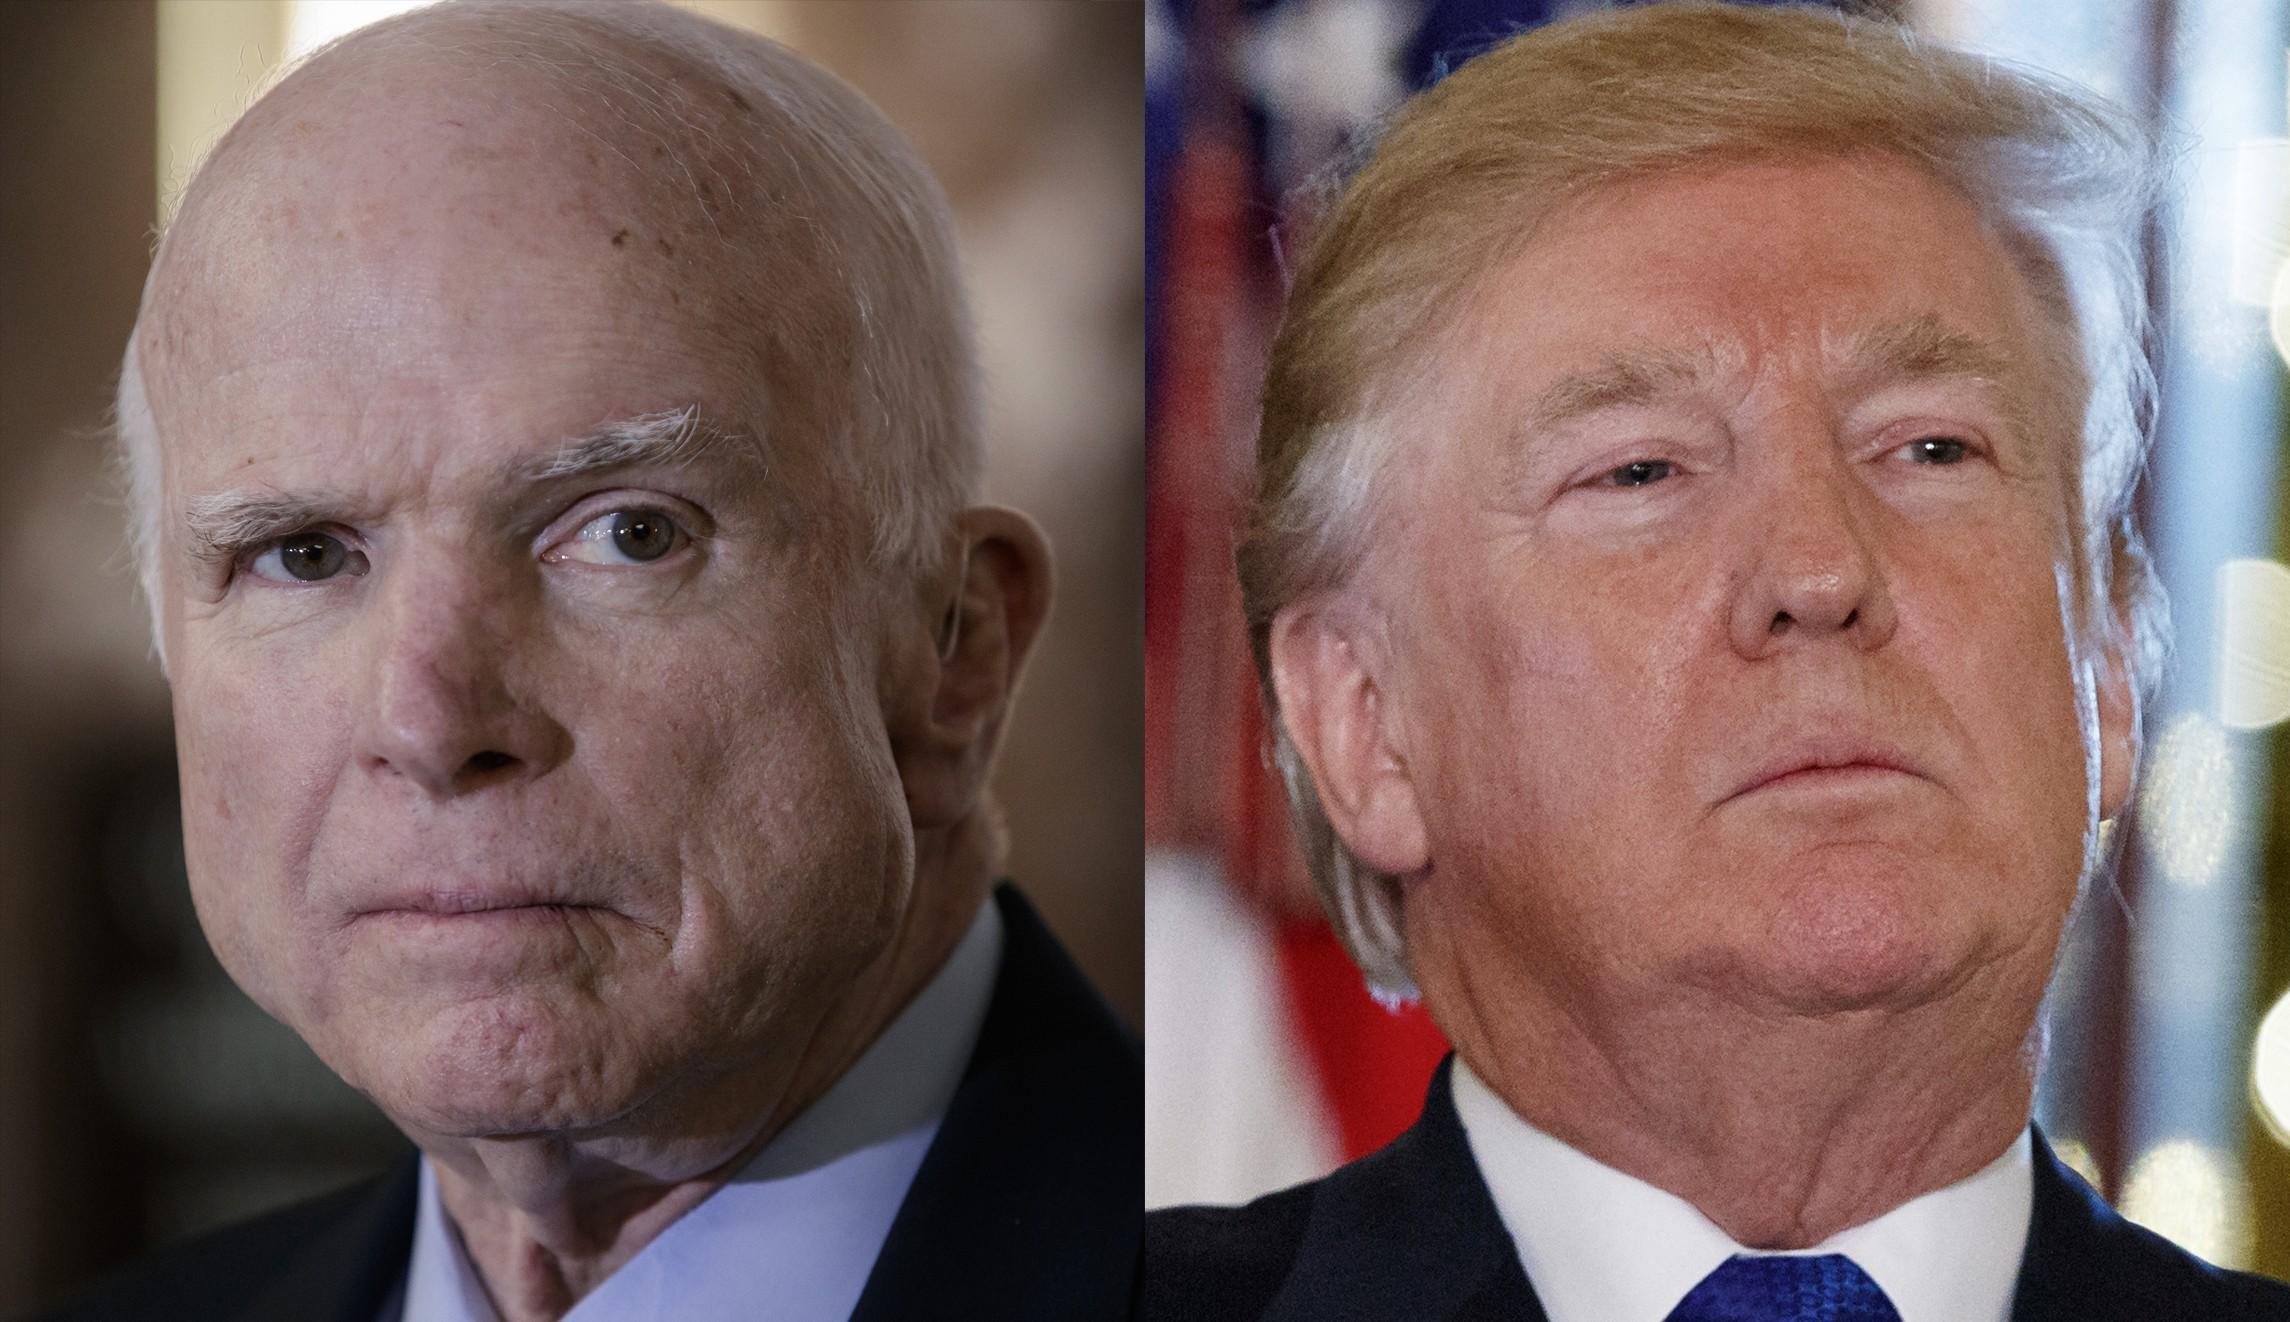 У президента Трампа и сенатора Маккейна одинаковое видение целей и задач Америки во внешней политике, но различное - путей достижения